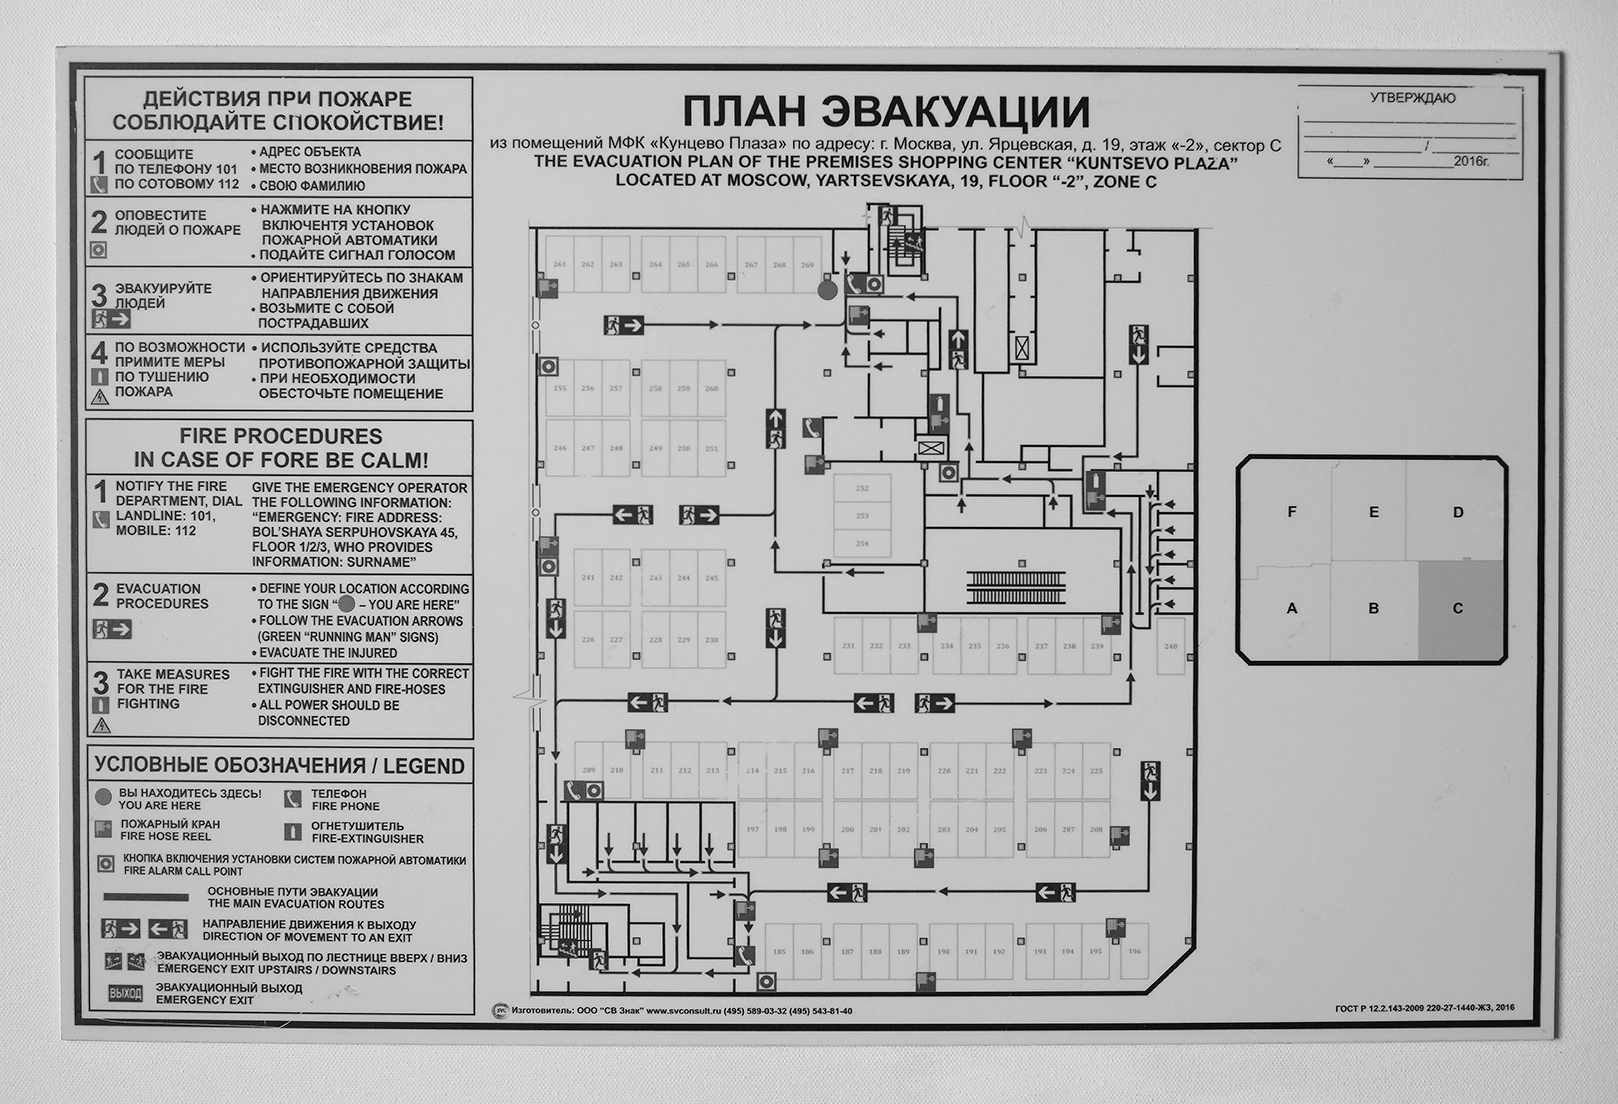 Печать плана эвакуации по макету